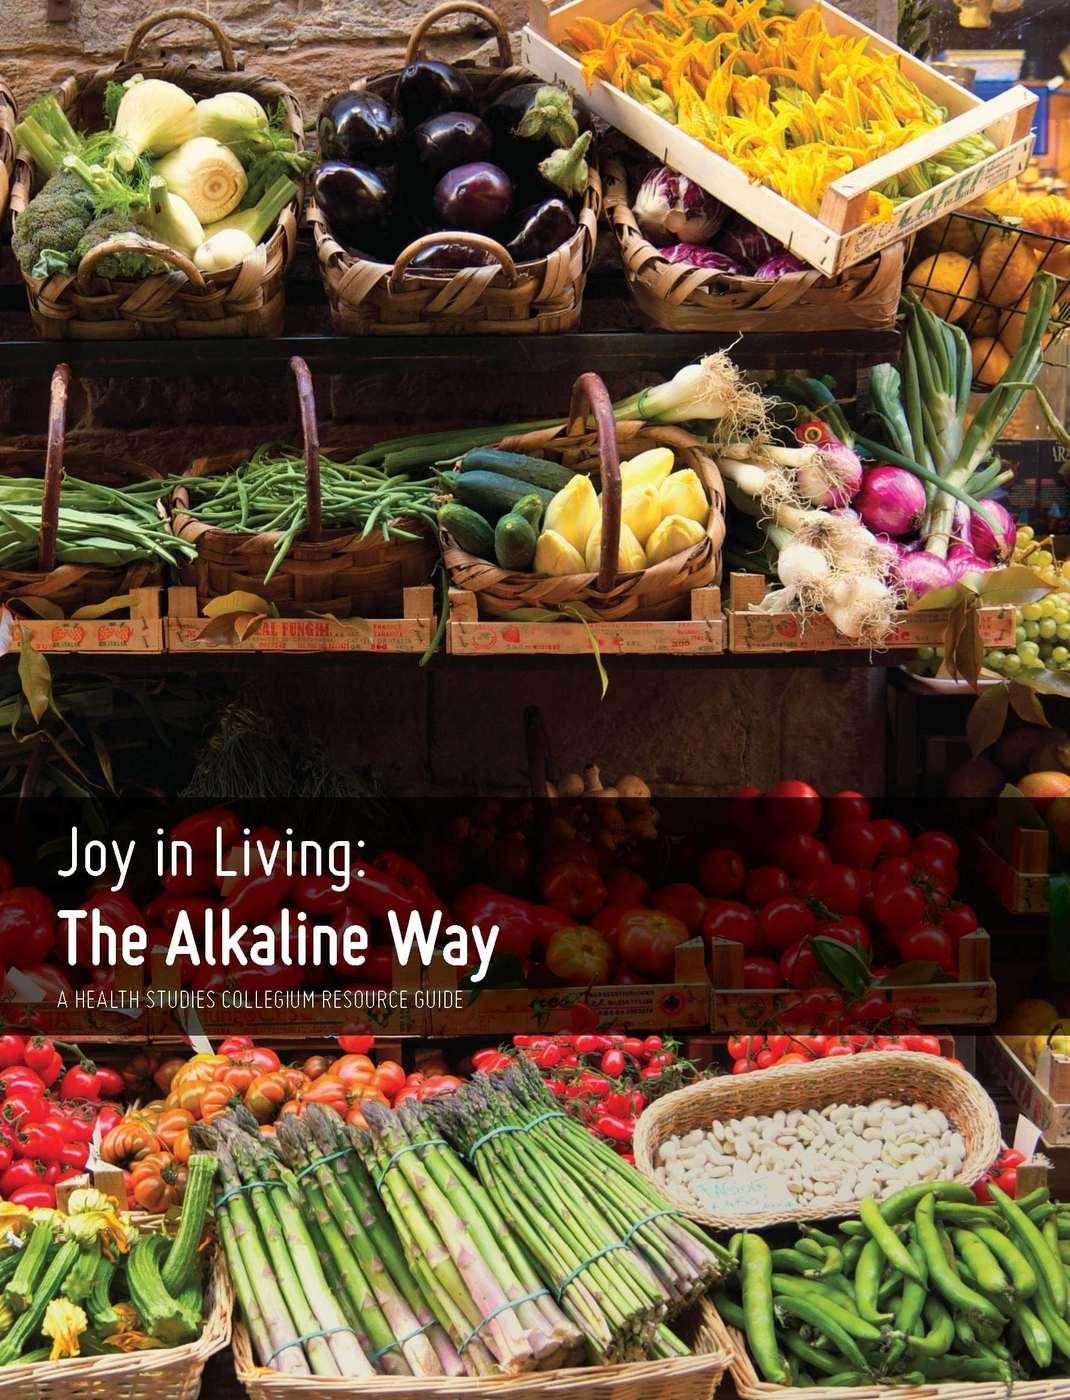 Joy in Living: The Alkaline Way eGuide